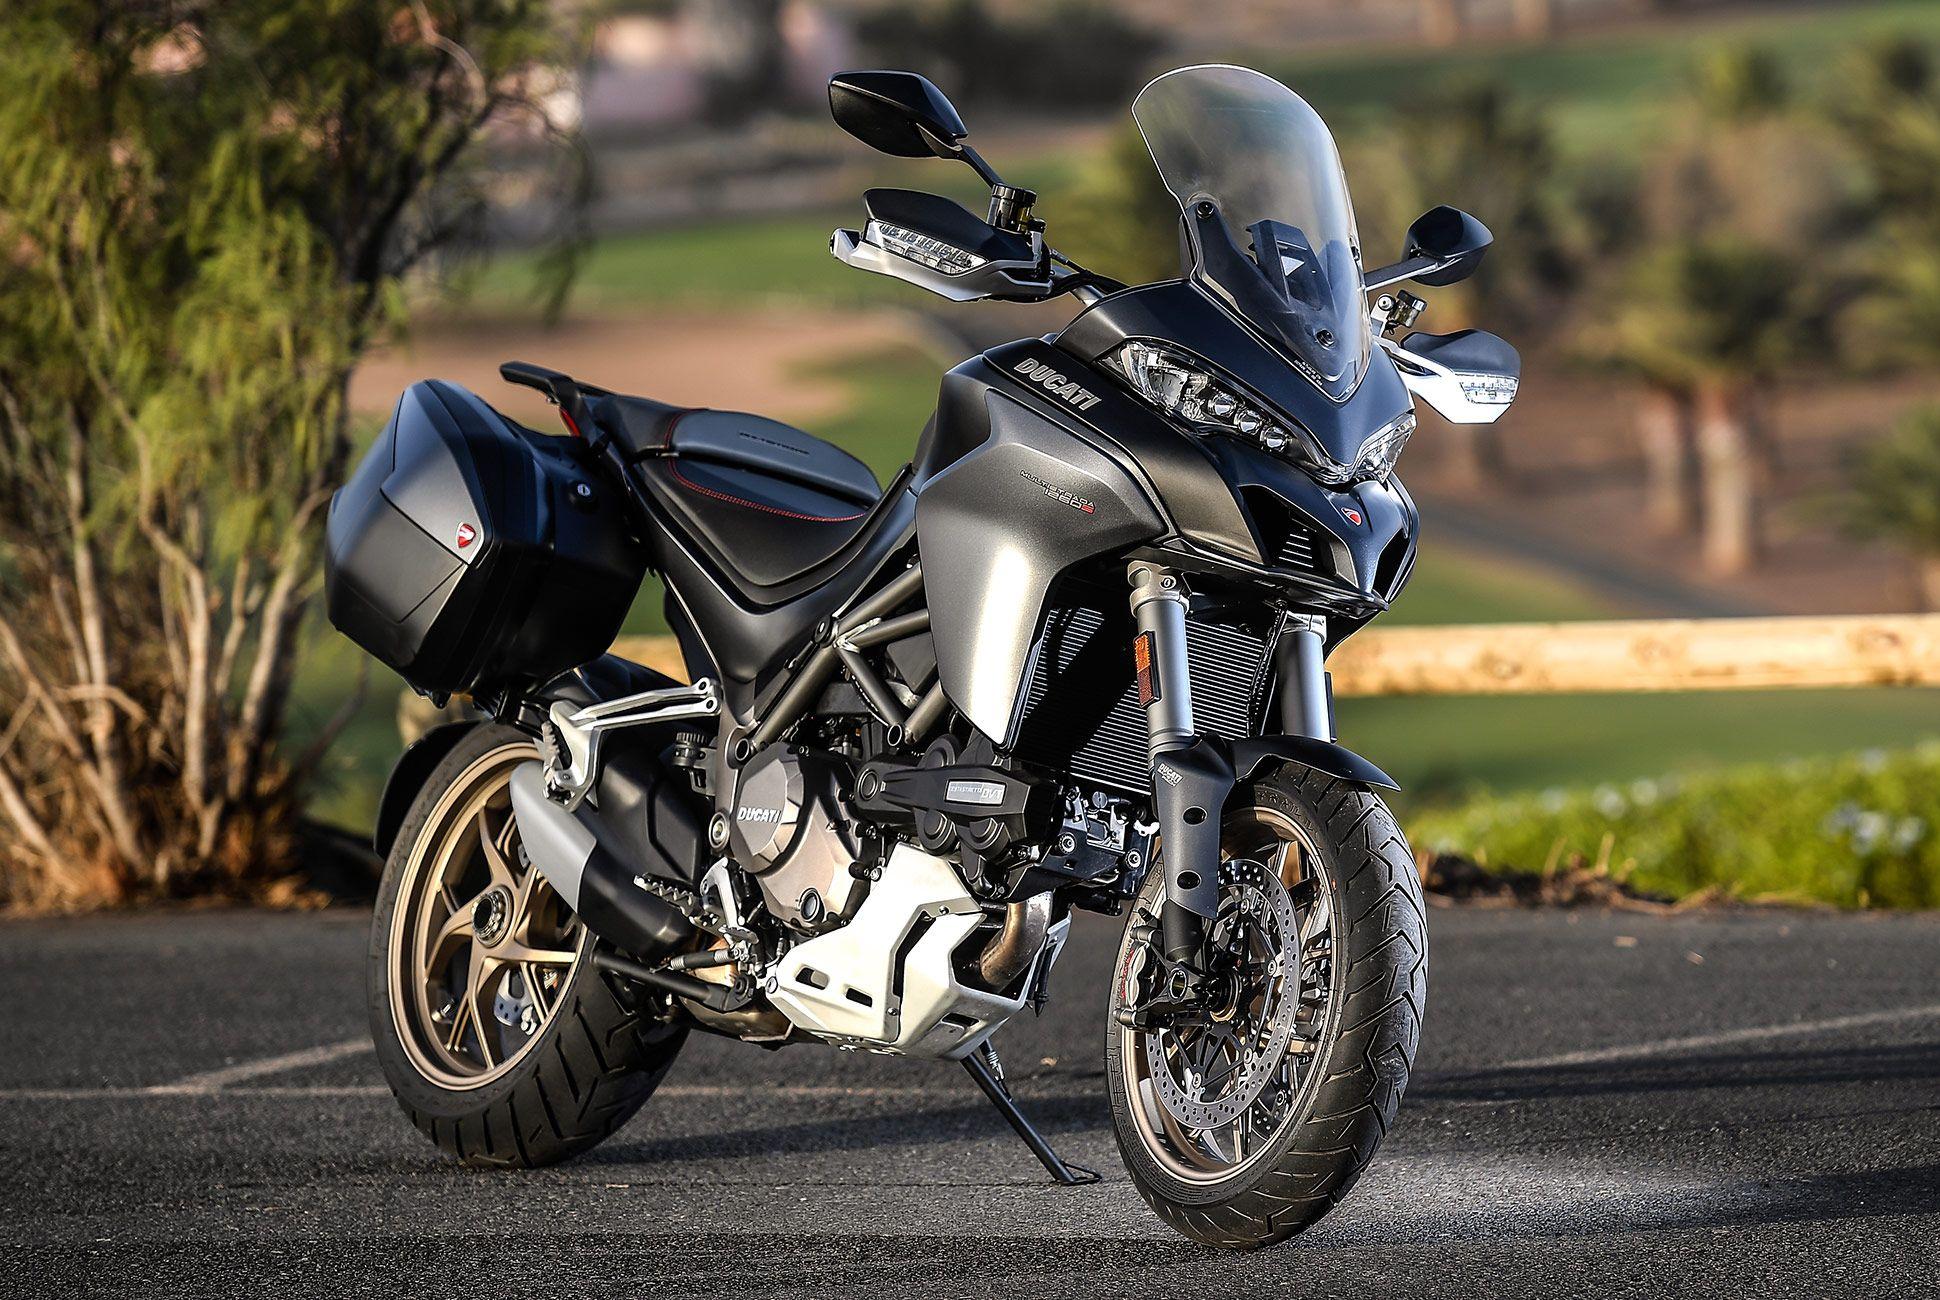 2018-Ducati-MTS-1260-Review-gear-patrol-4